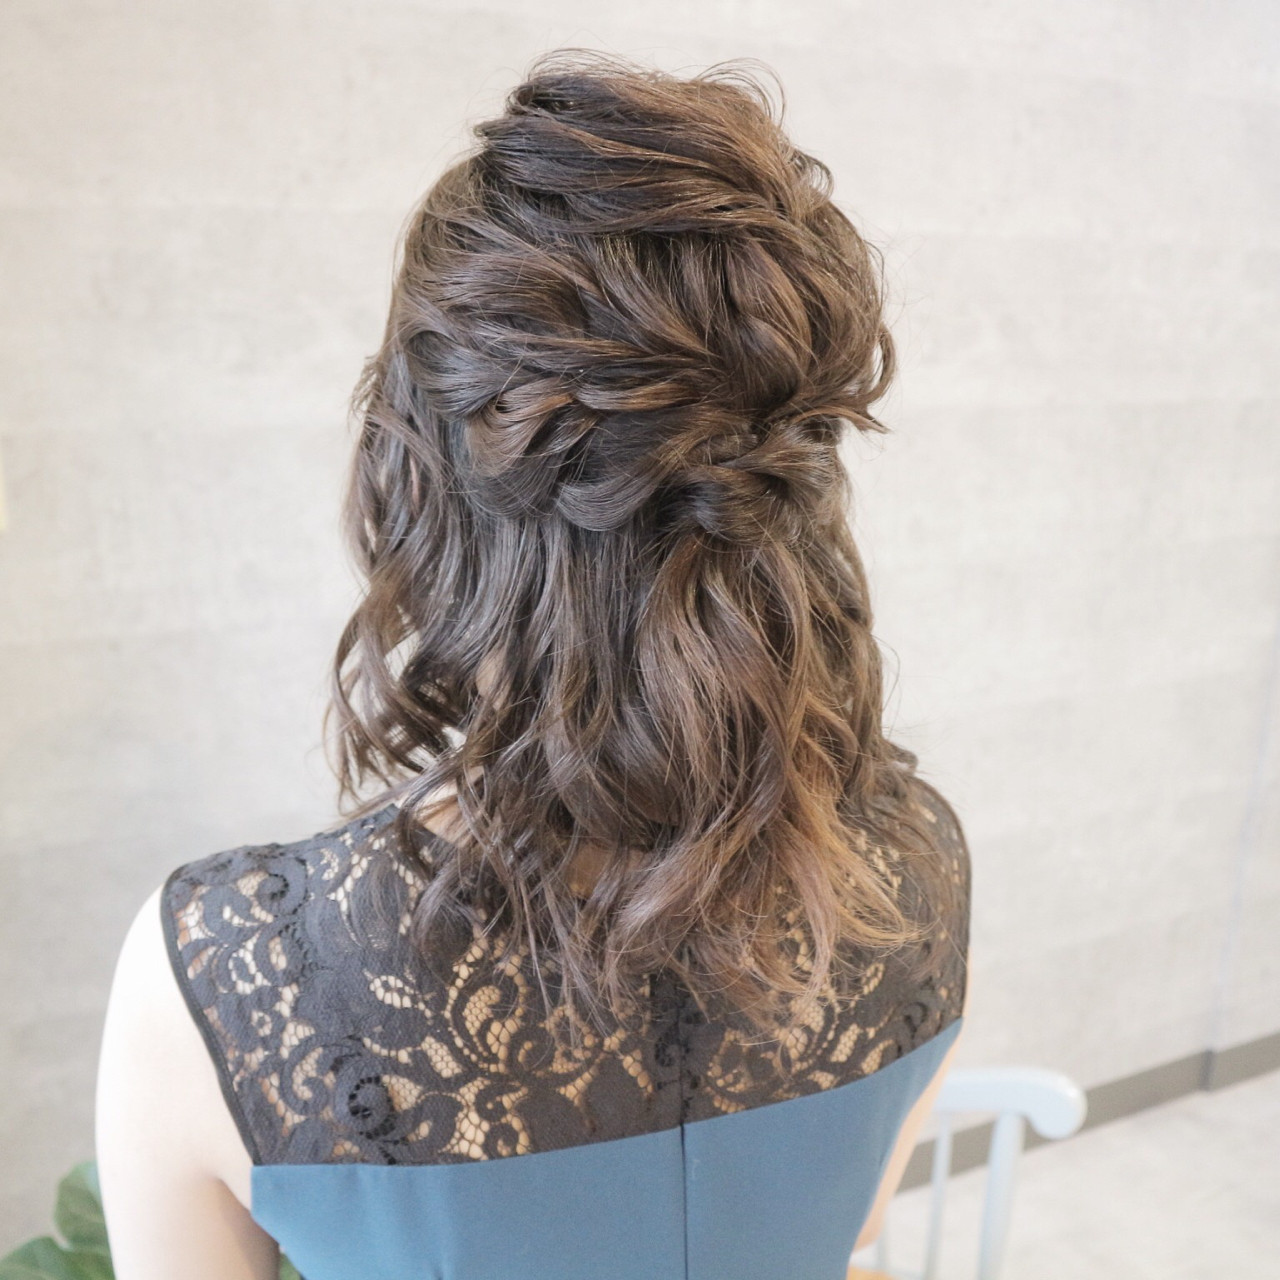 結婚式 エレガント セミロング 簡単ヘアアレンジ ヘアスタイルや髪型の写真・画像